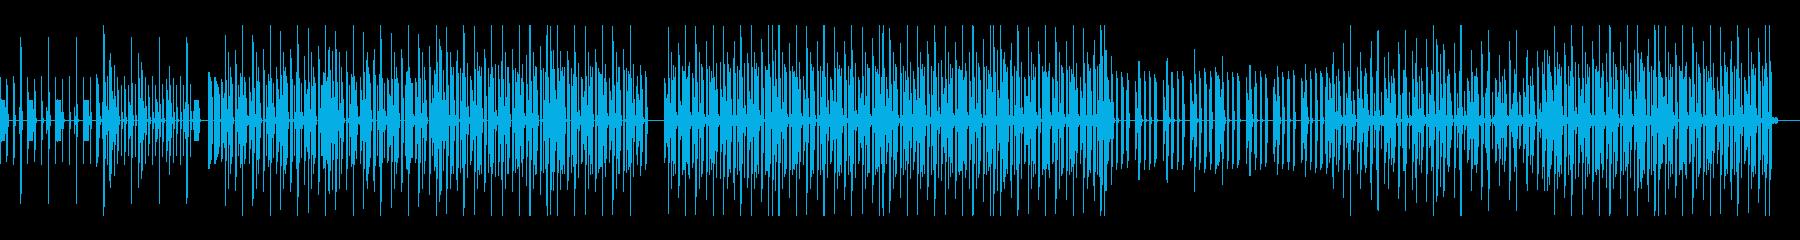 ハウスドラム音源、宣伝・紹介動画などにの再生済みの波形